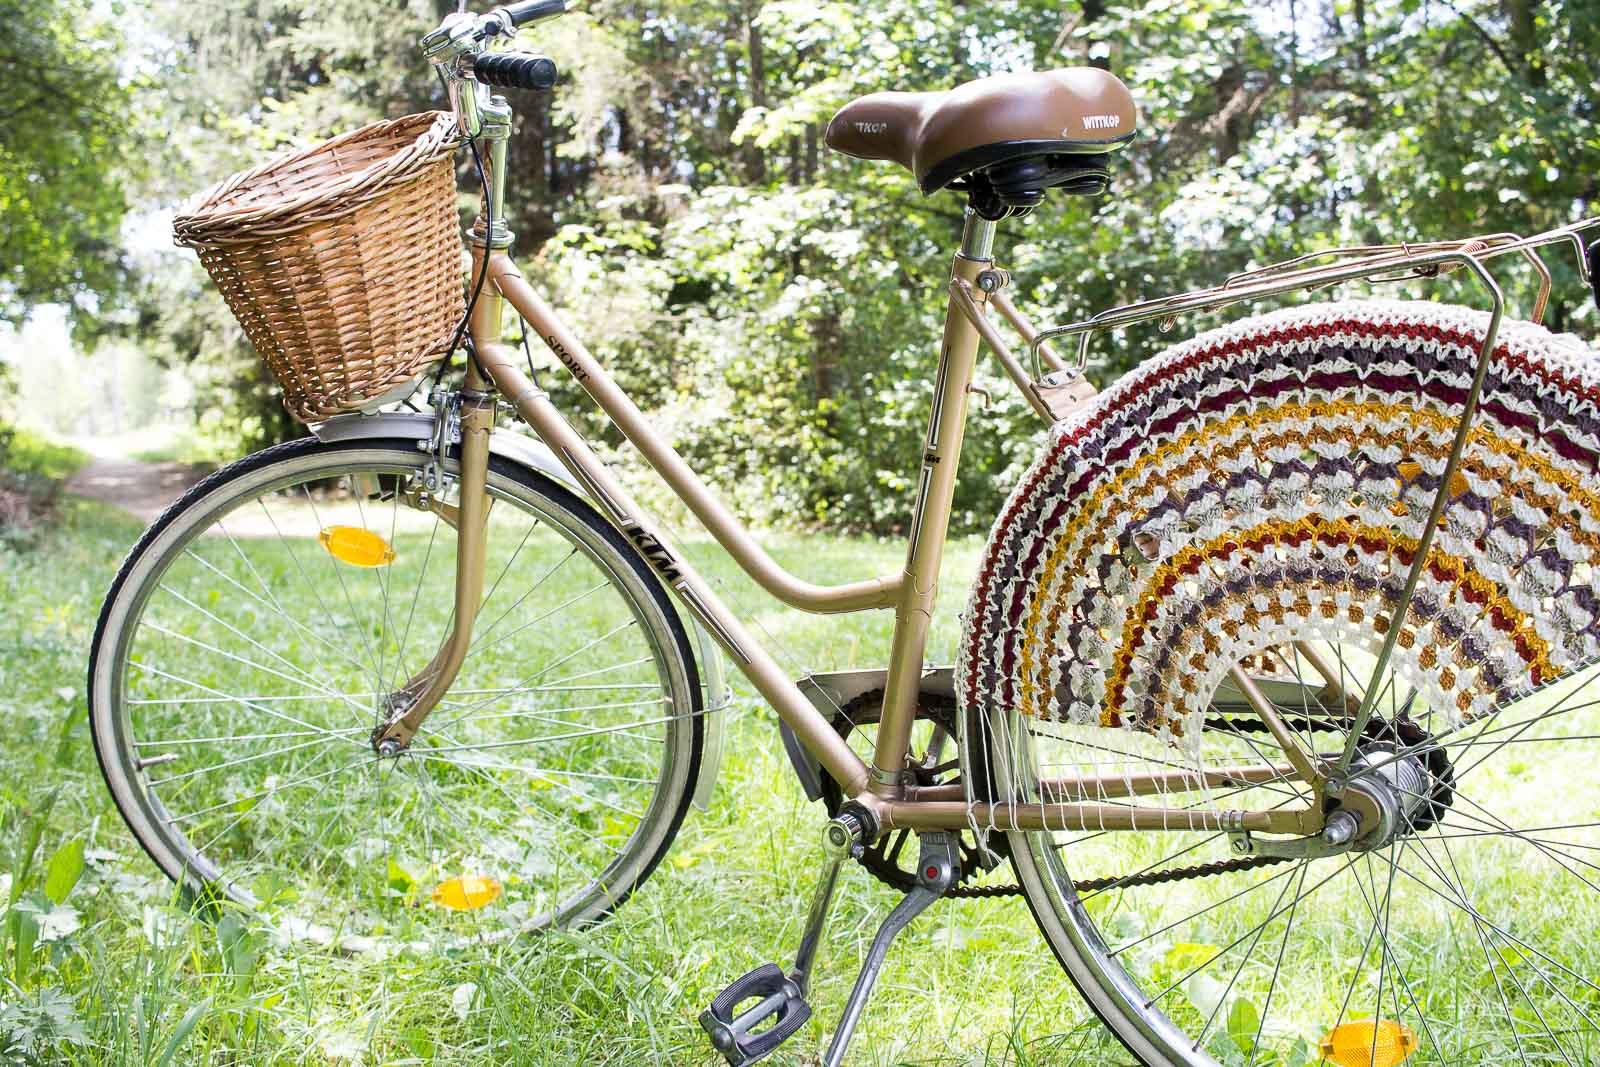 DIY Fahrradnetz häkeln - Crochet Skirt Guard